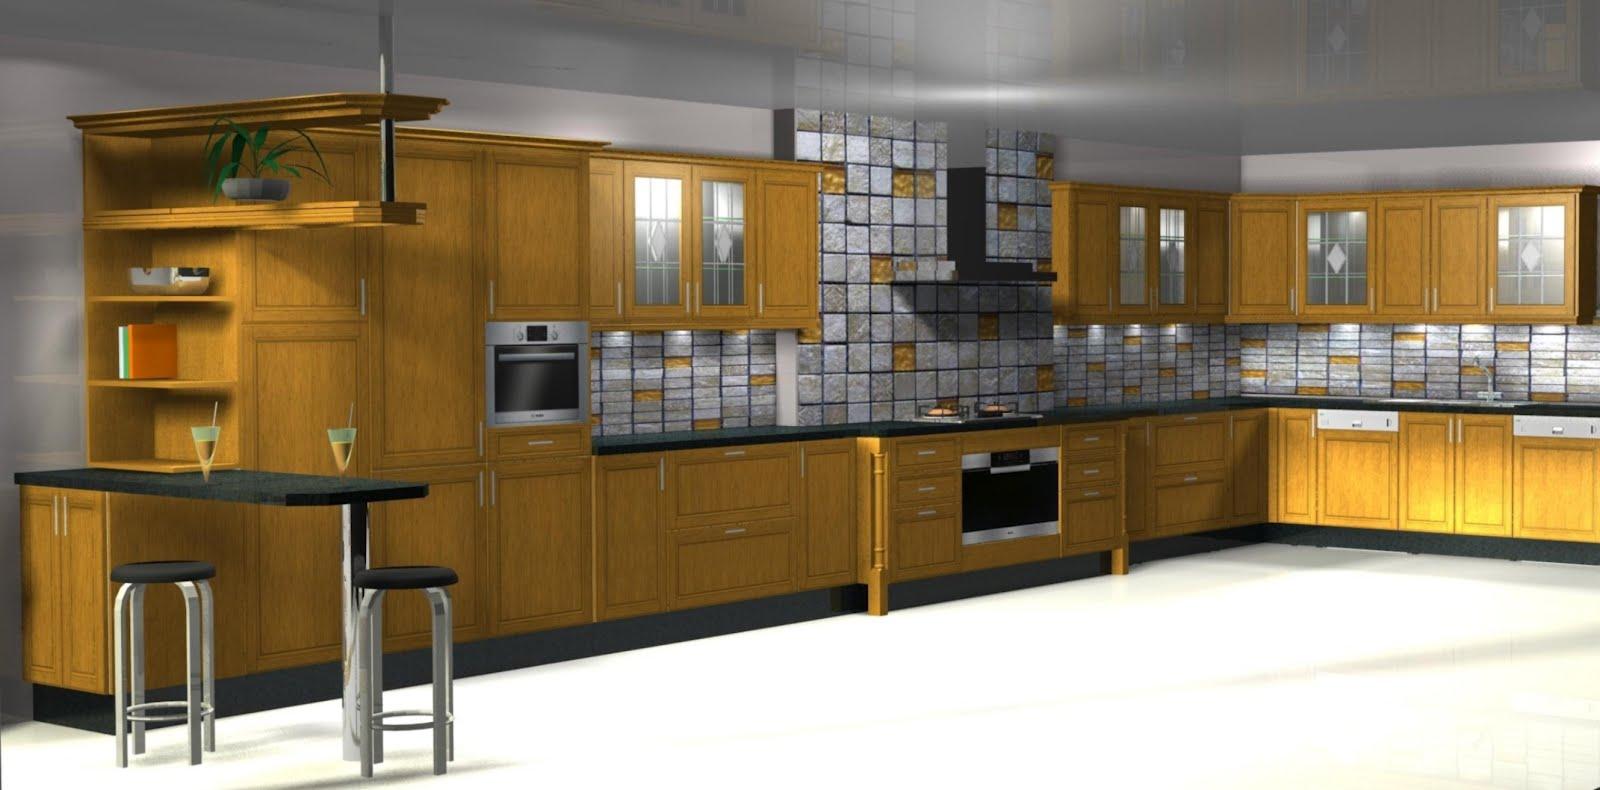 Mi cocina dise o de cocina en madera de roble for Cocinas de madera de roble